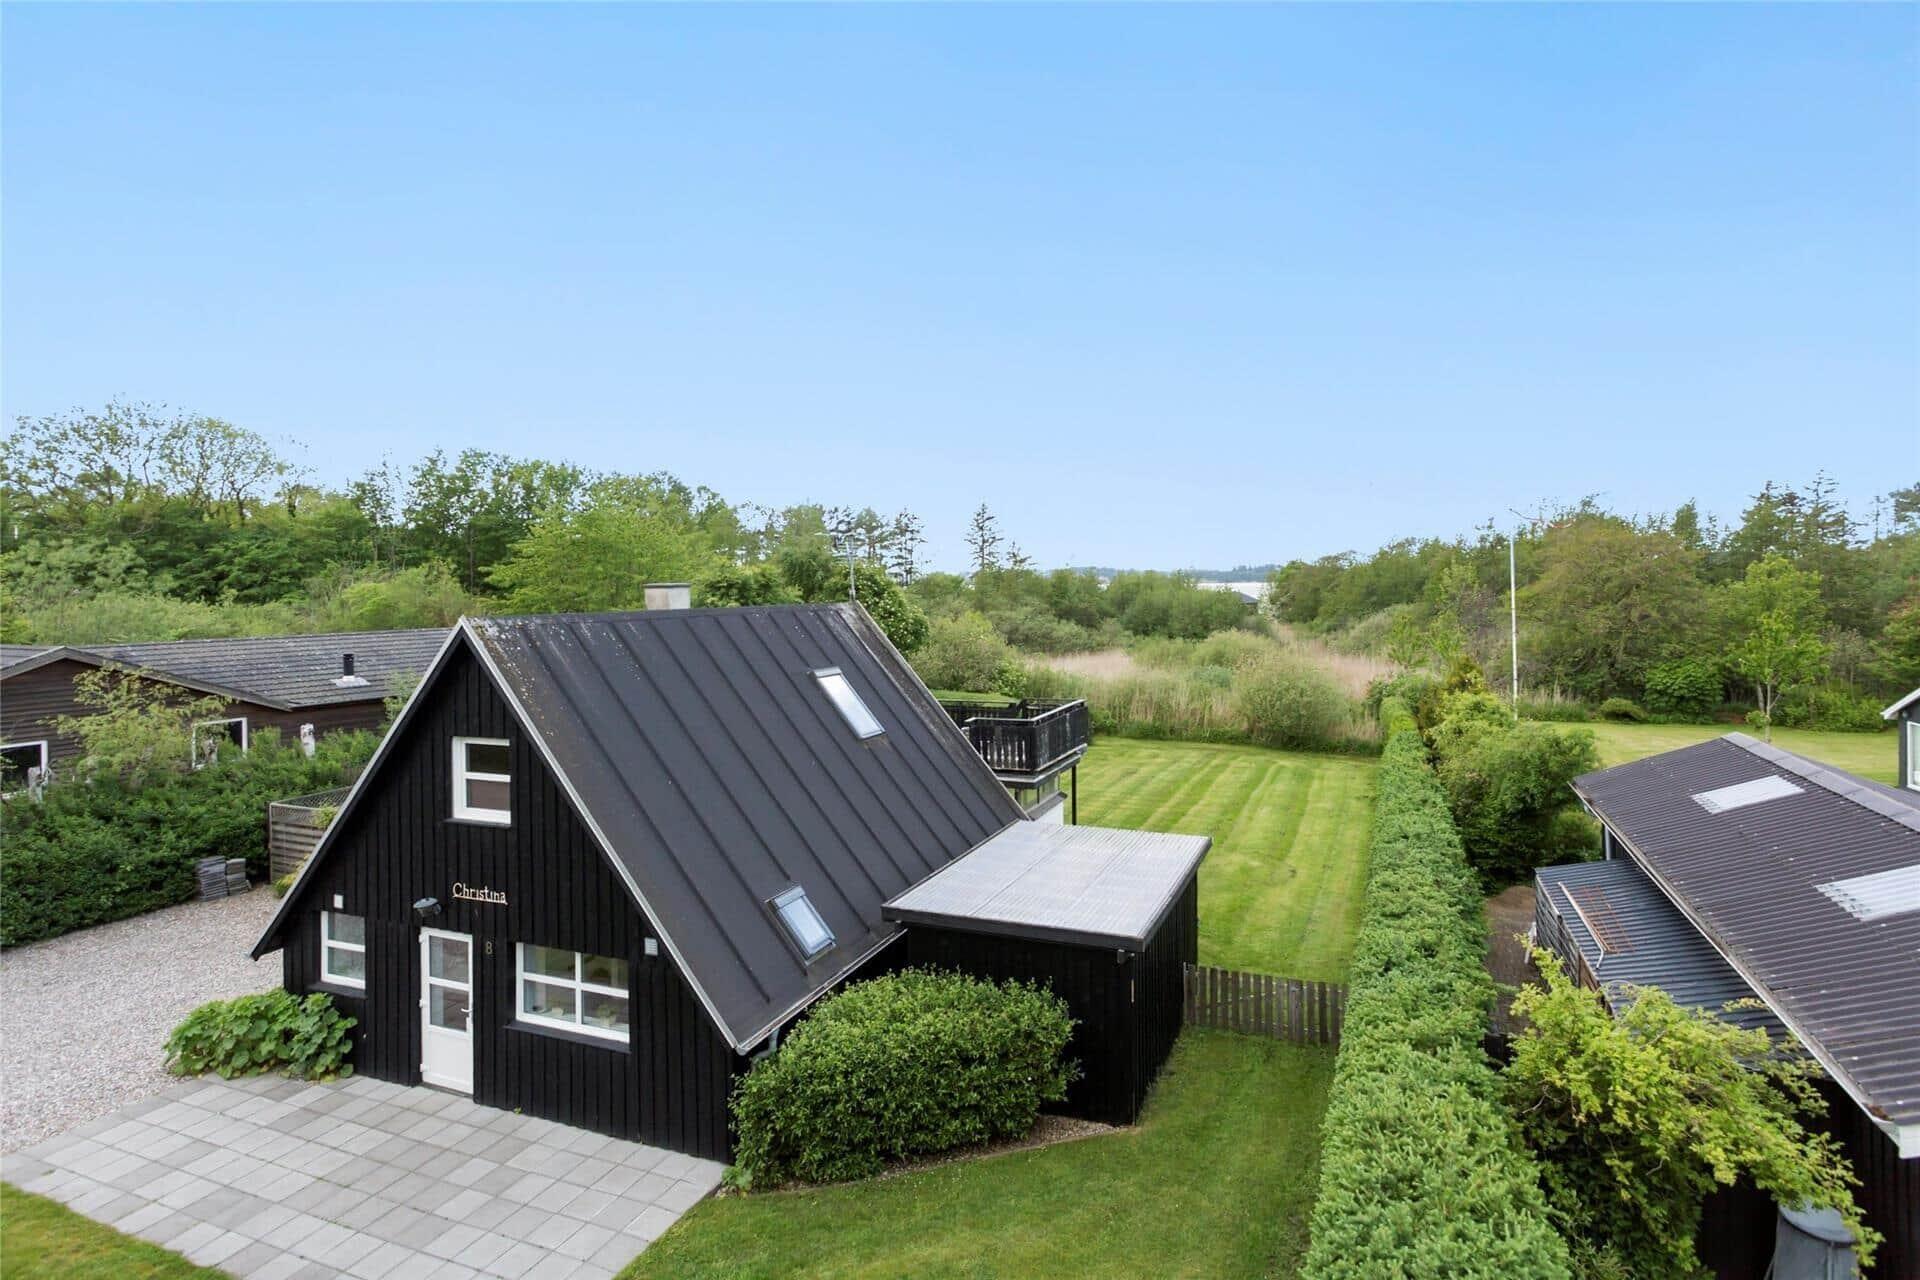 Afbeelding 1-3 Vakantiehuis L151100, Klydevej 8, DK - 9640 Farsø